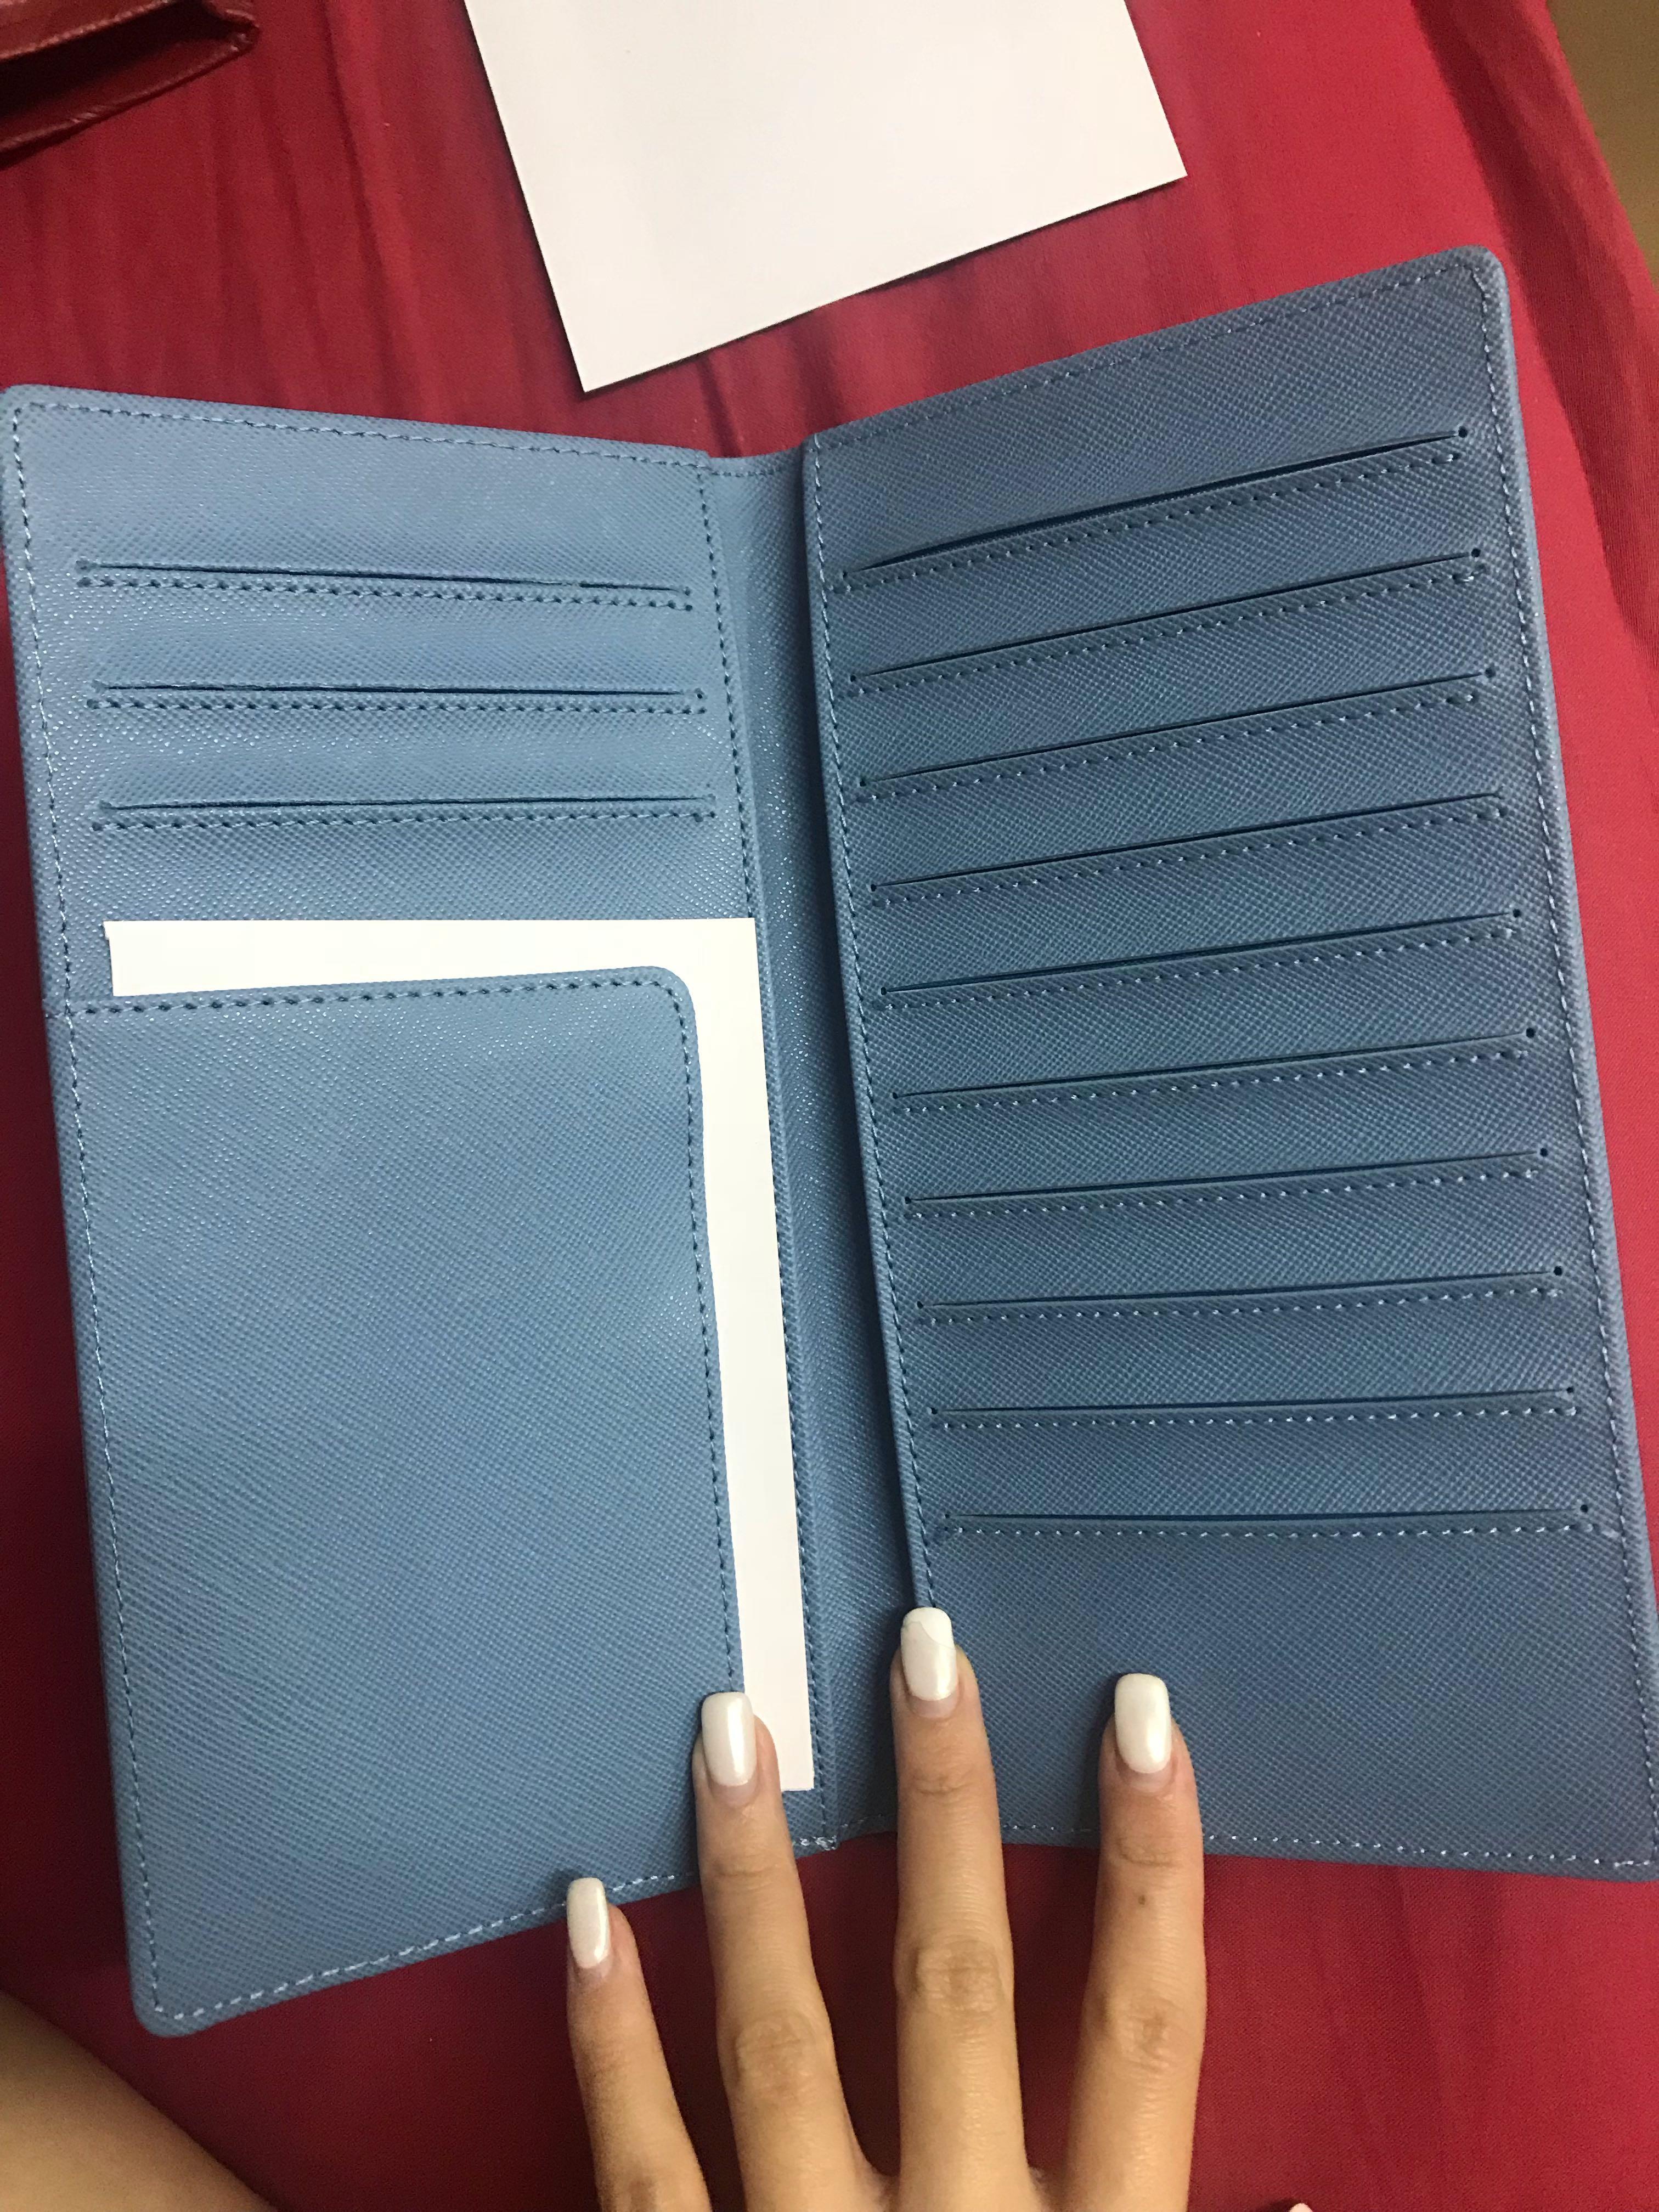 Michael Kors passport / card case